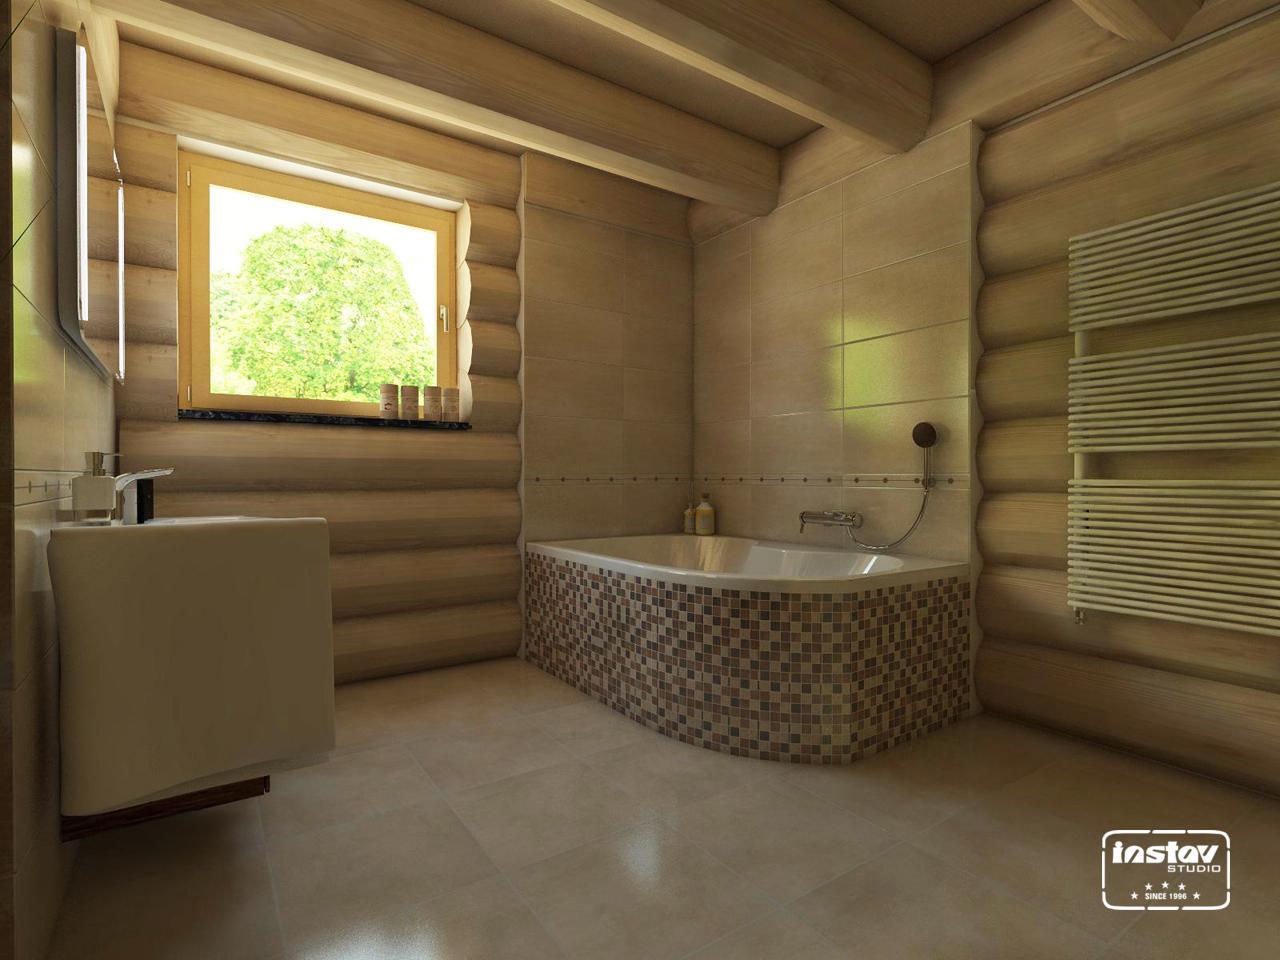 Vizualizácie kúpeľní - Vizualizácia kúpeľne - Steel